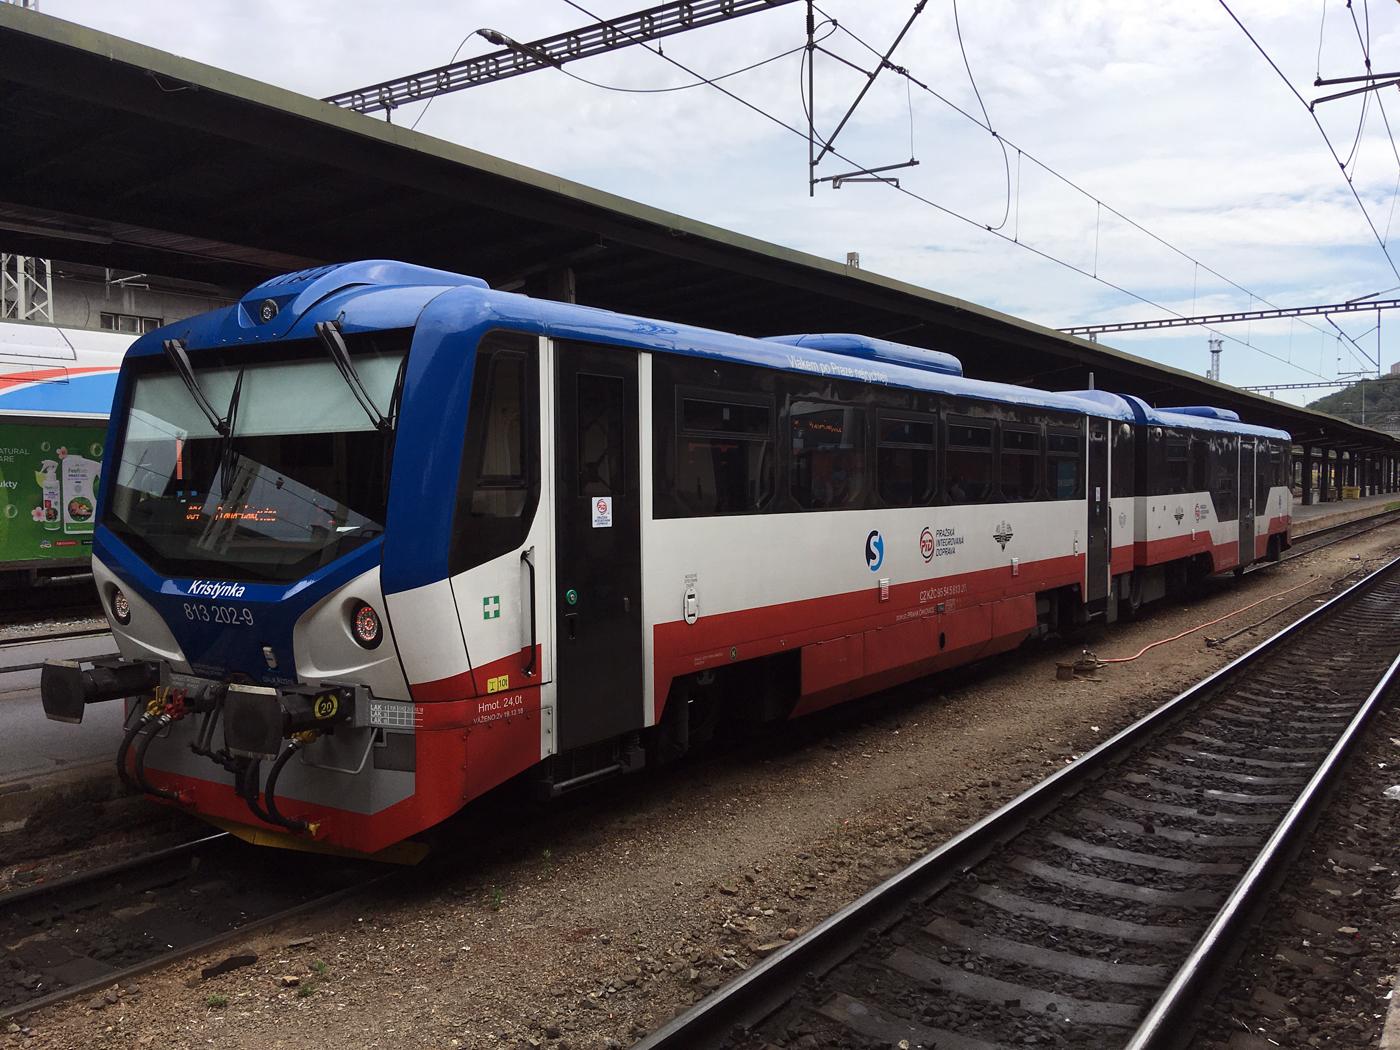 Class 813 DMU